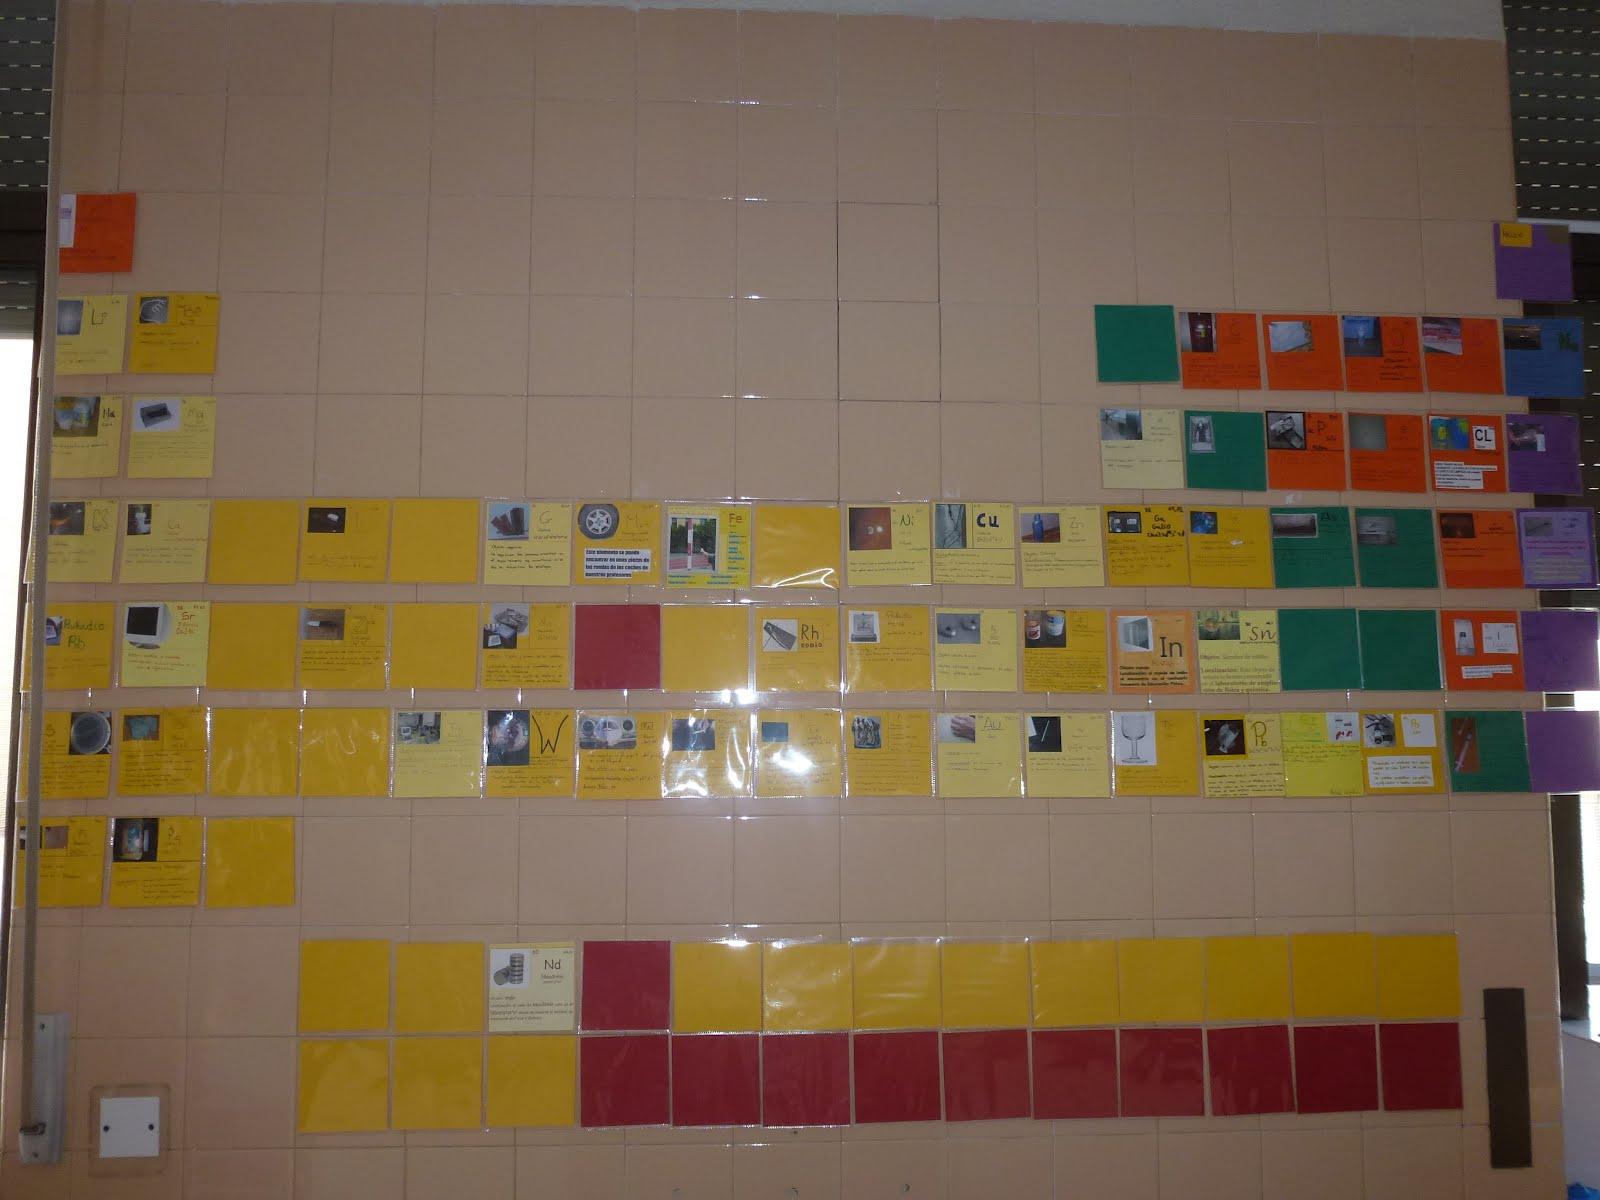 4afq inmersos en la ciencia la tabla peridica del colegio junio 2012 urtaz Gallery